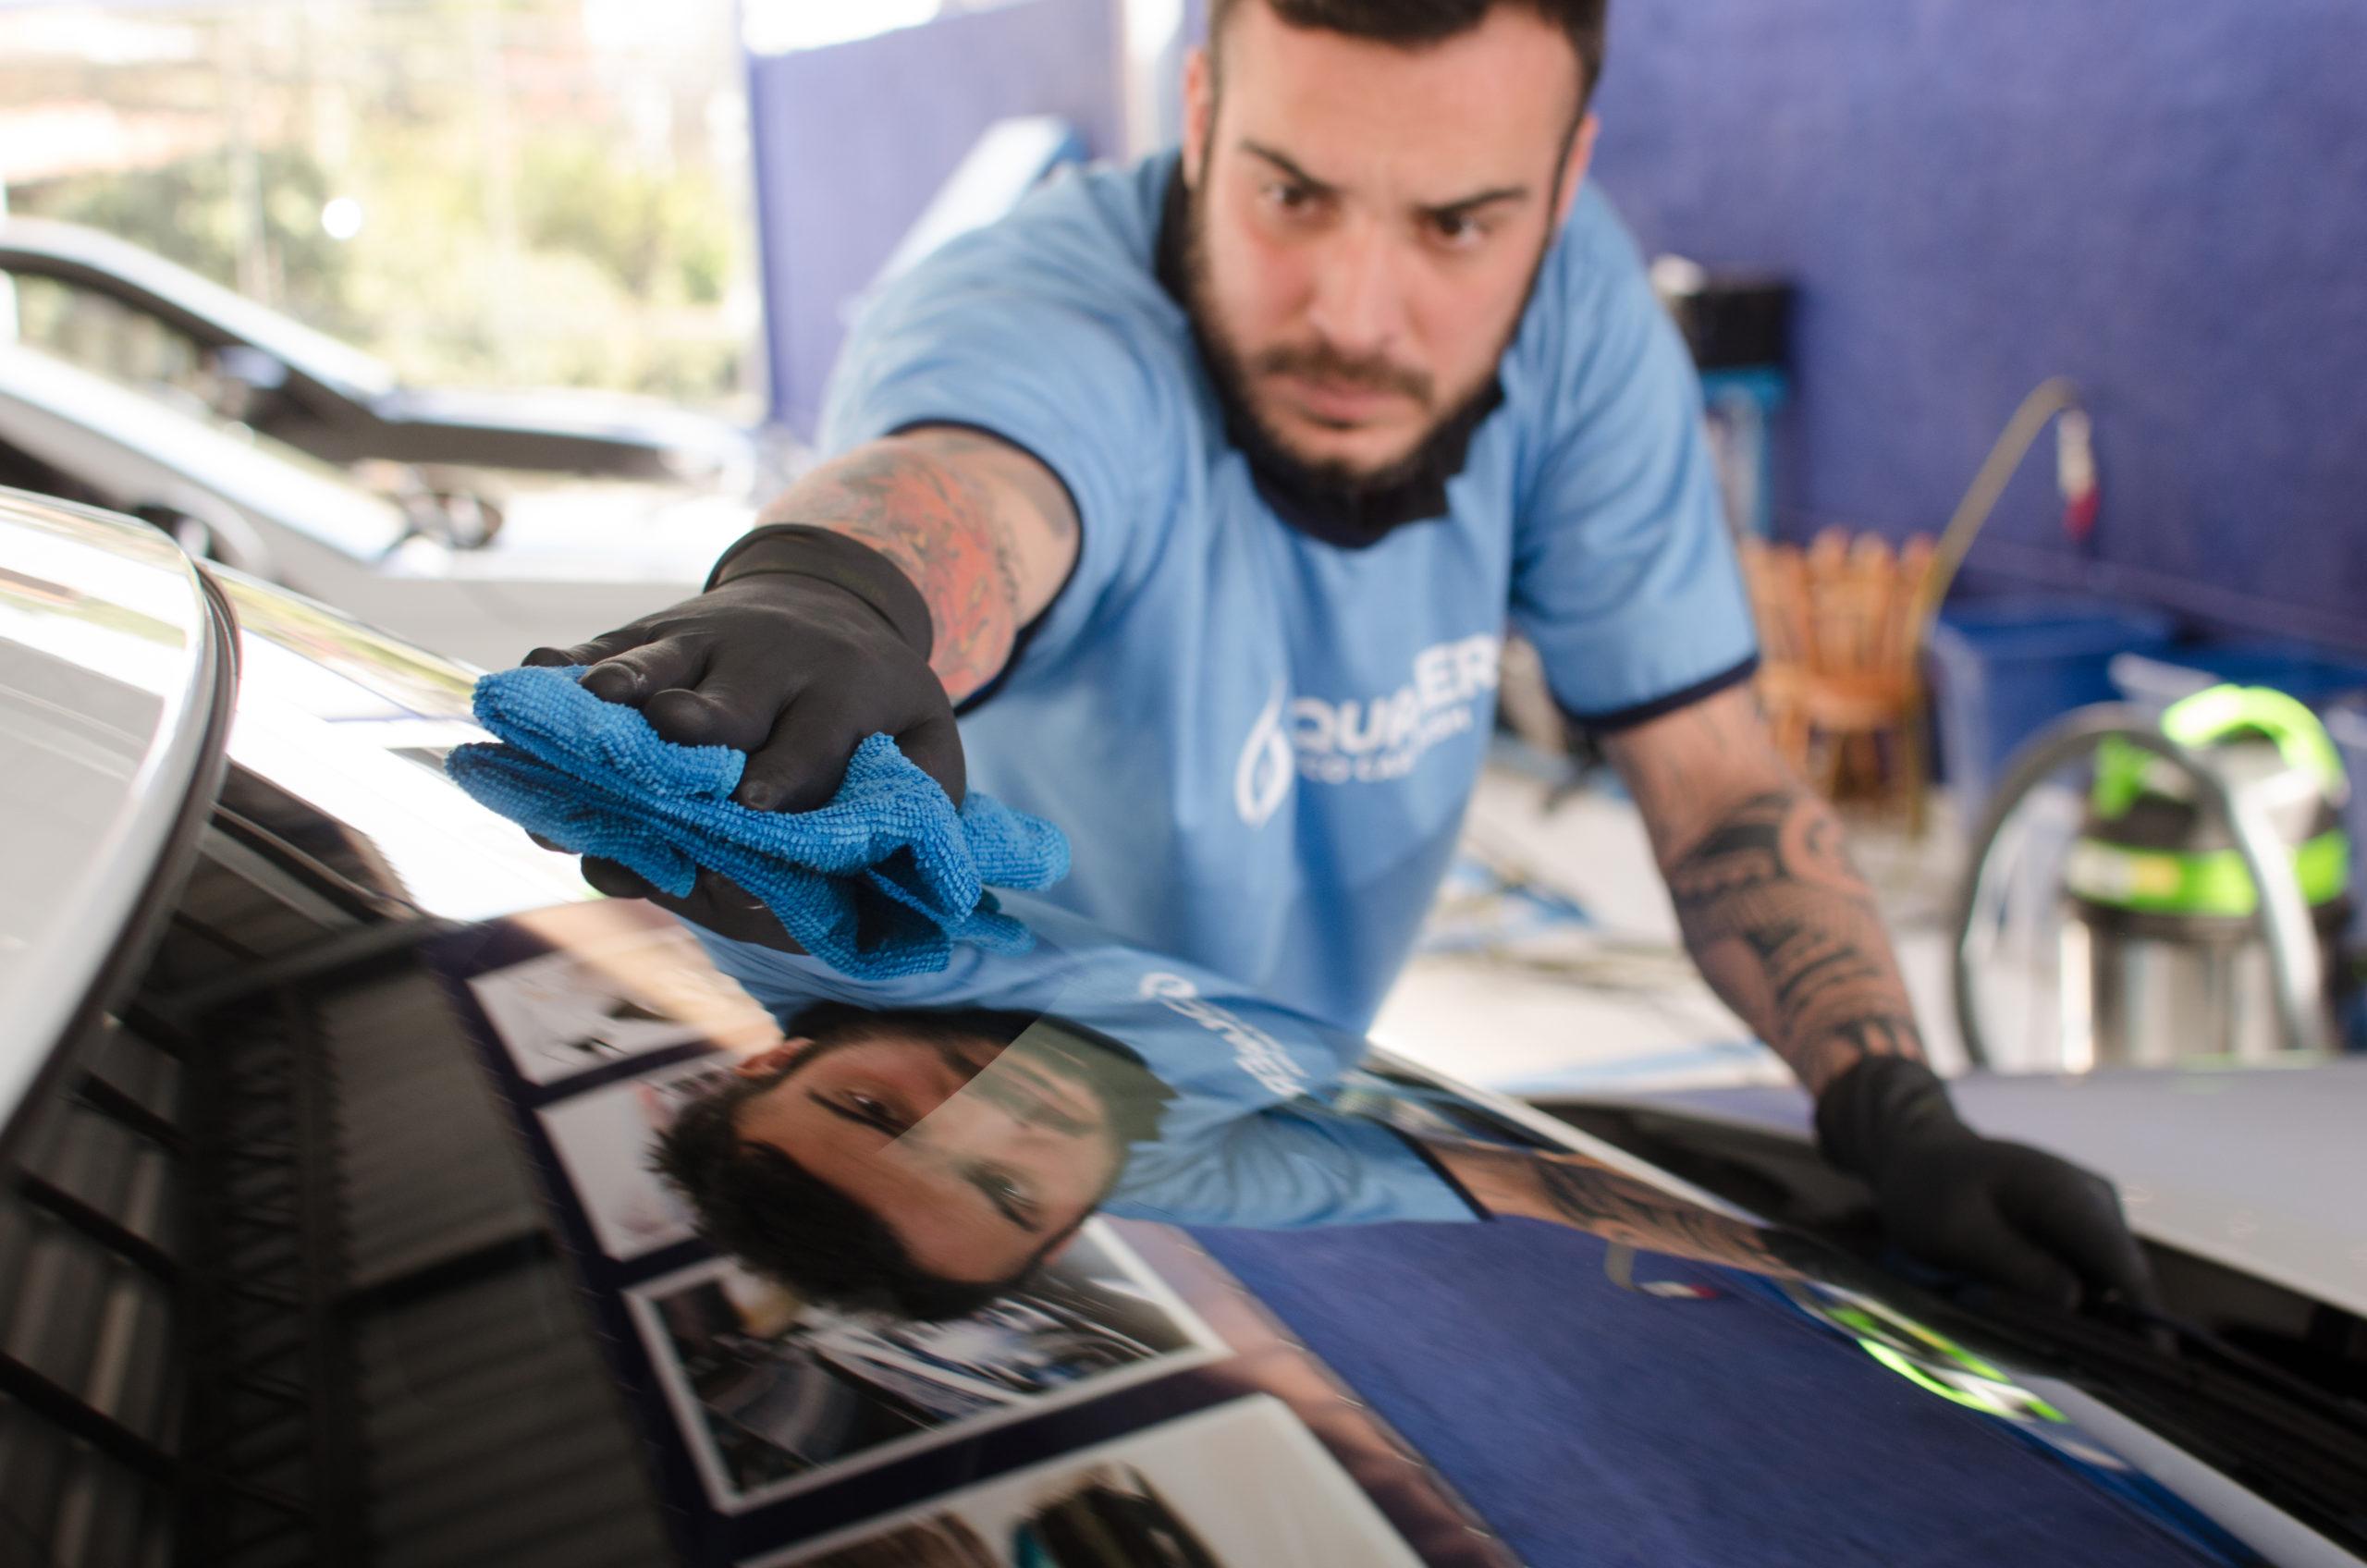 Vemos um técnico da franquia Acquazero realizando a limpeza do capô de um carro (imagem ilustrativa). Texto: ideias de empreendedorismo.